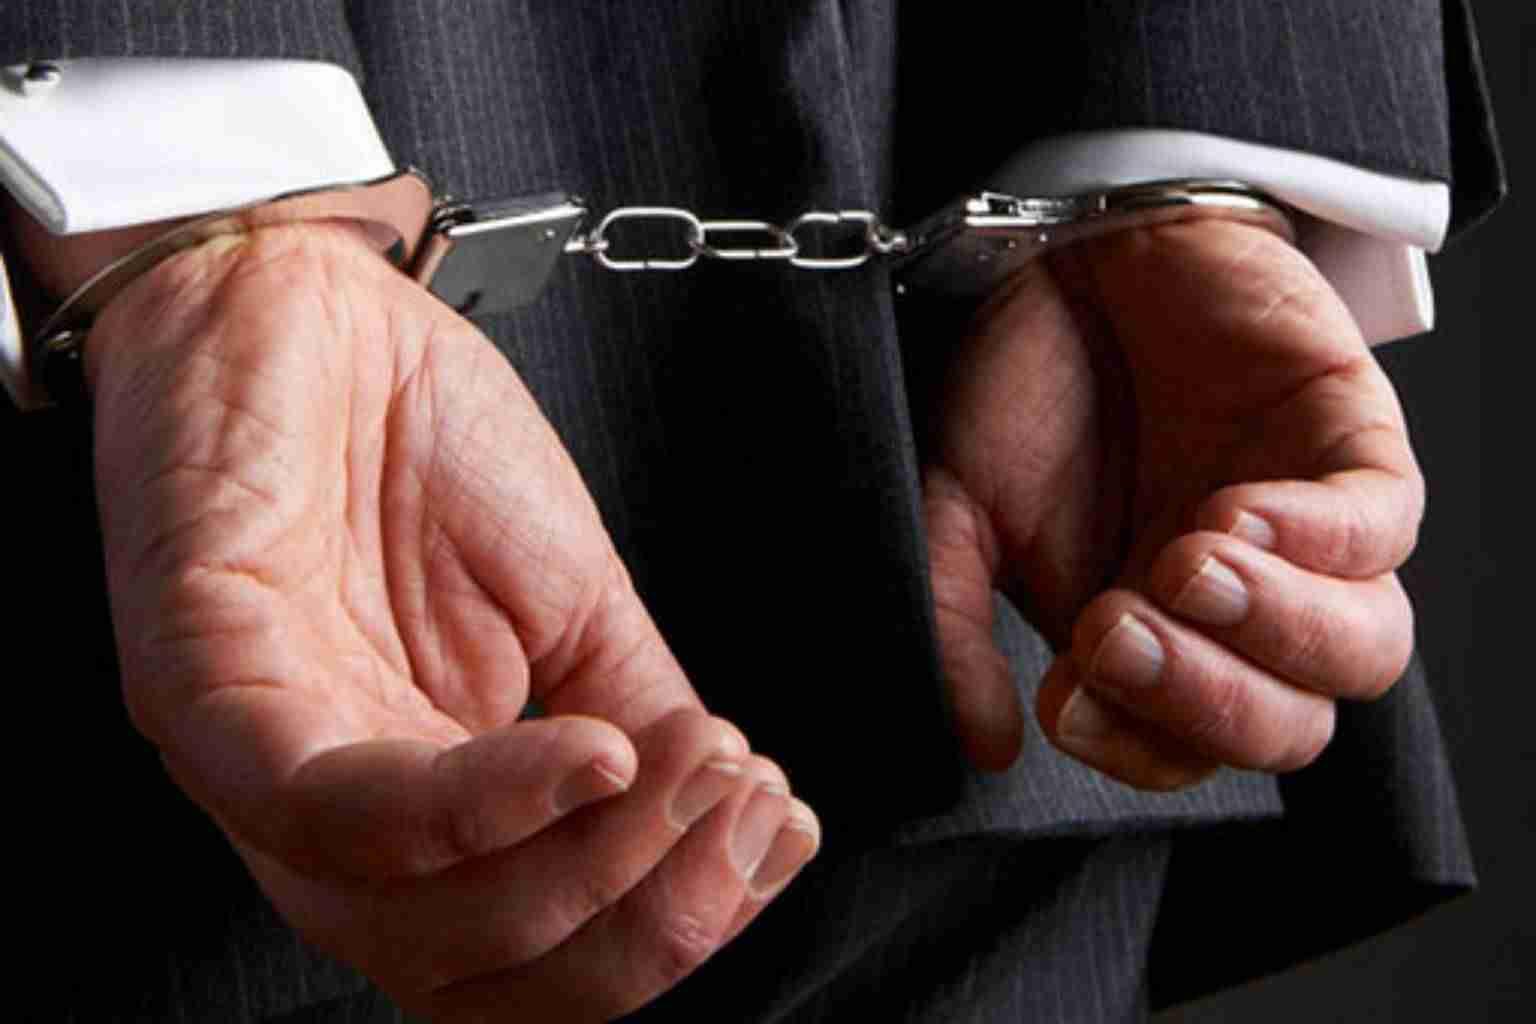 В Казахстане завели уголовные дела на чиновников из двух министерств